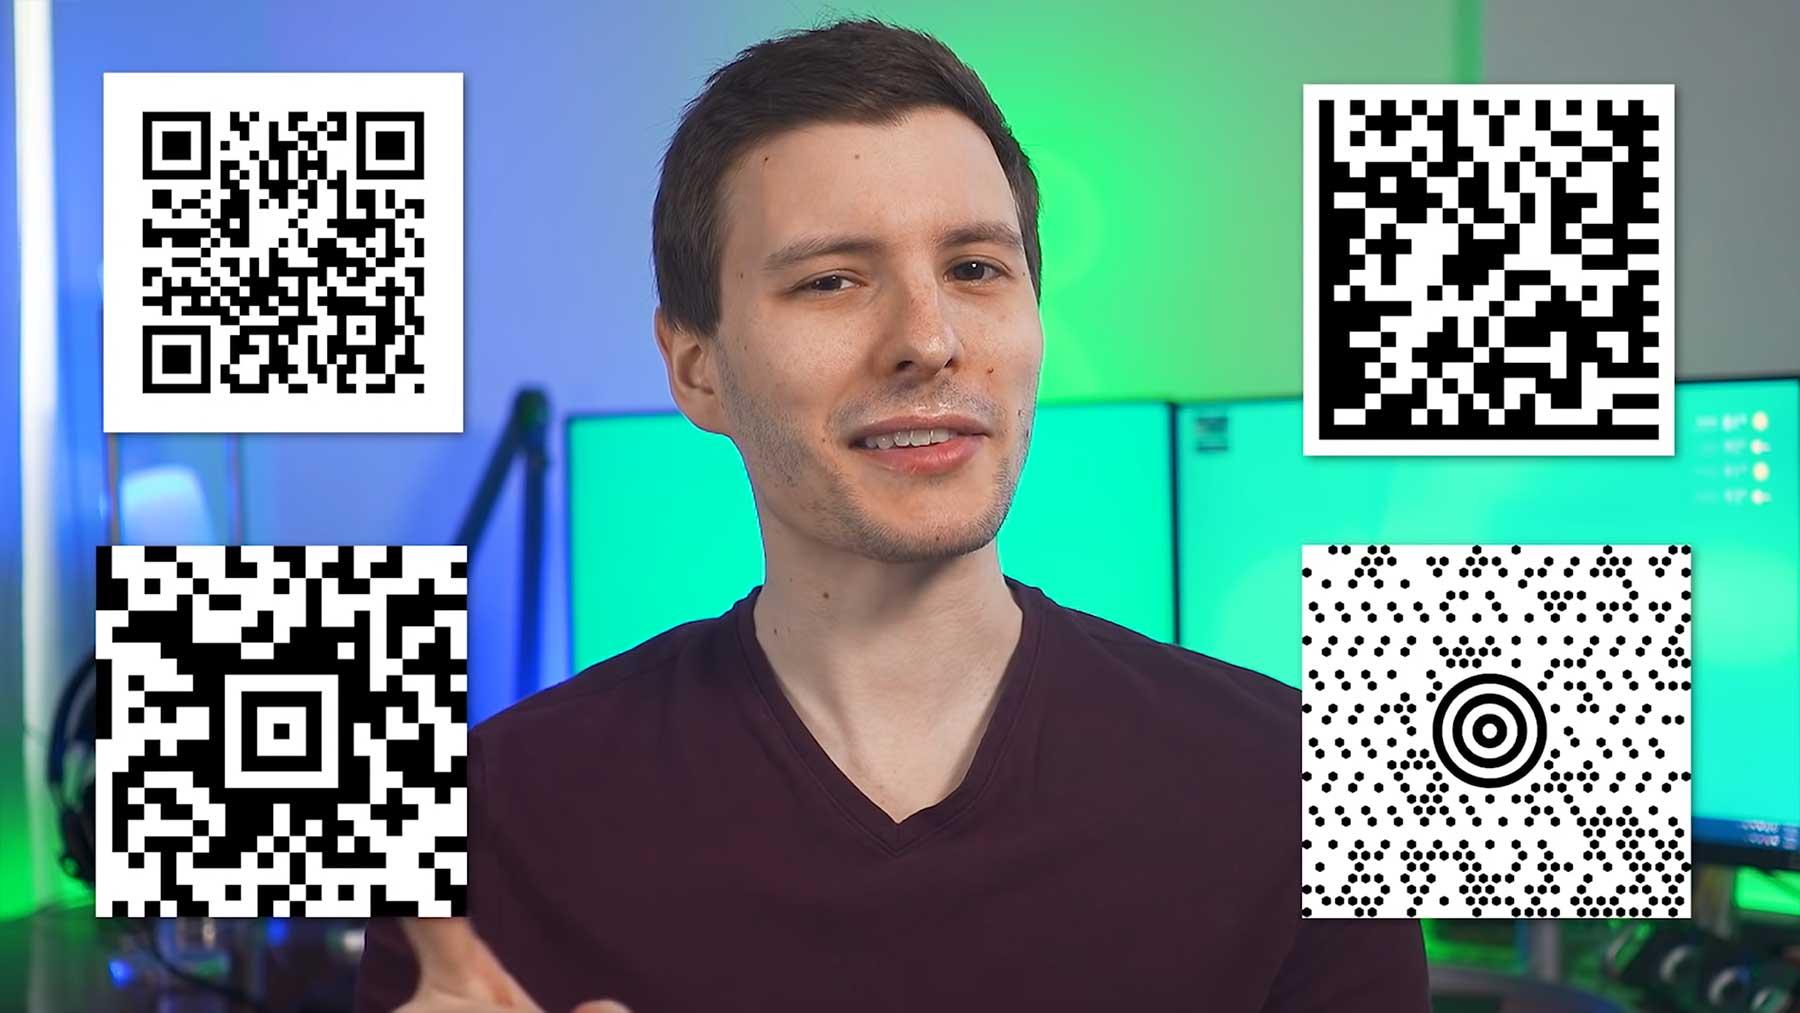 Wie genau funktionieren QR-Codes eigentlich? wie-funktionieren-qr-codes